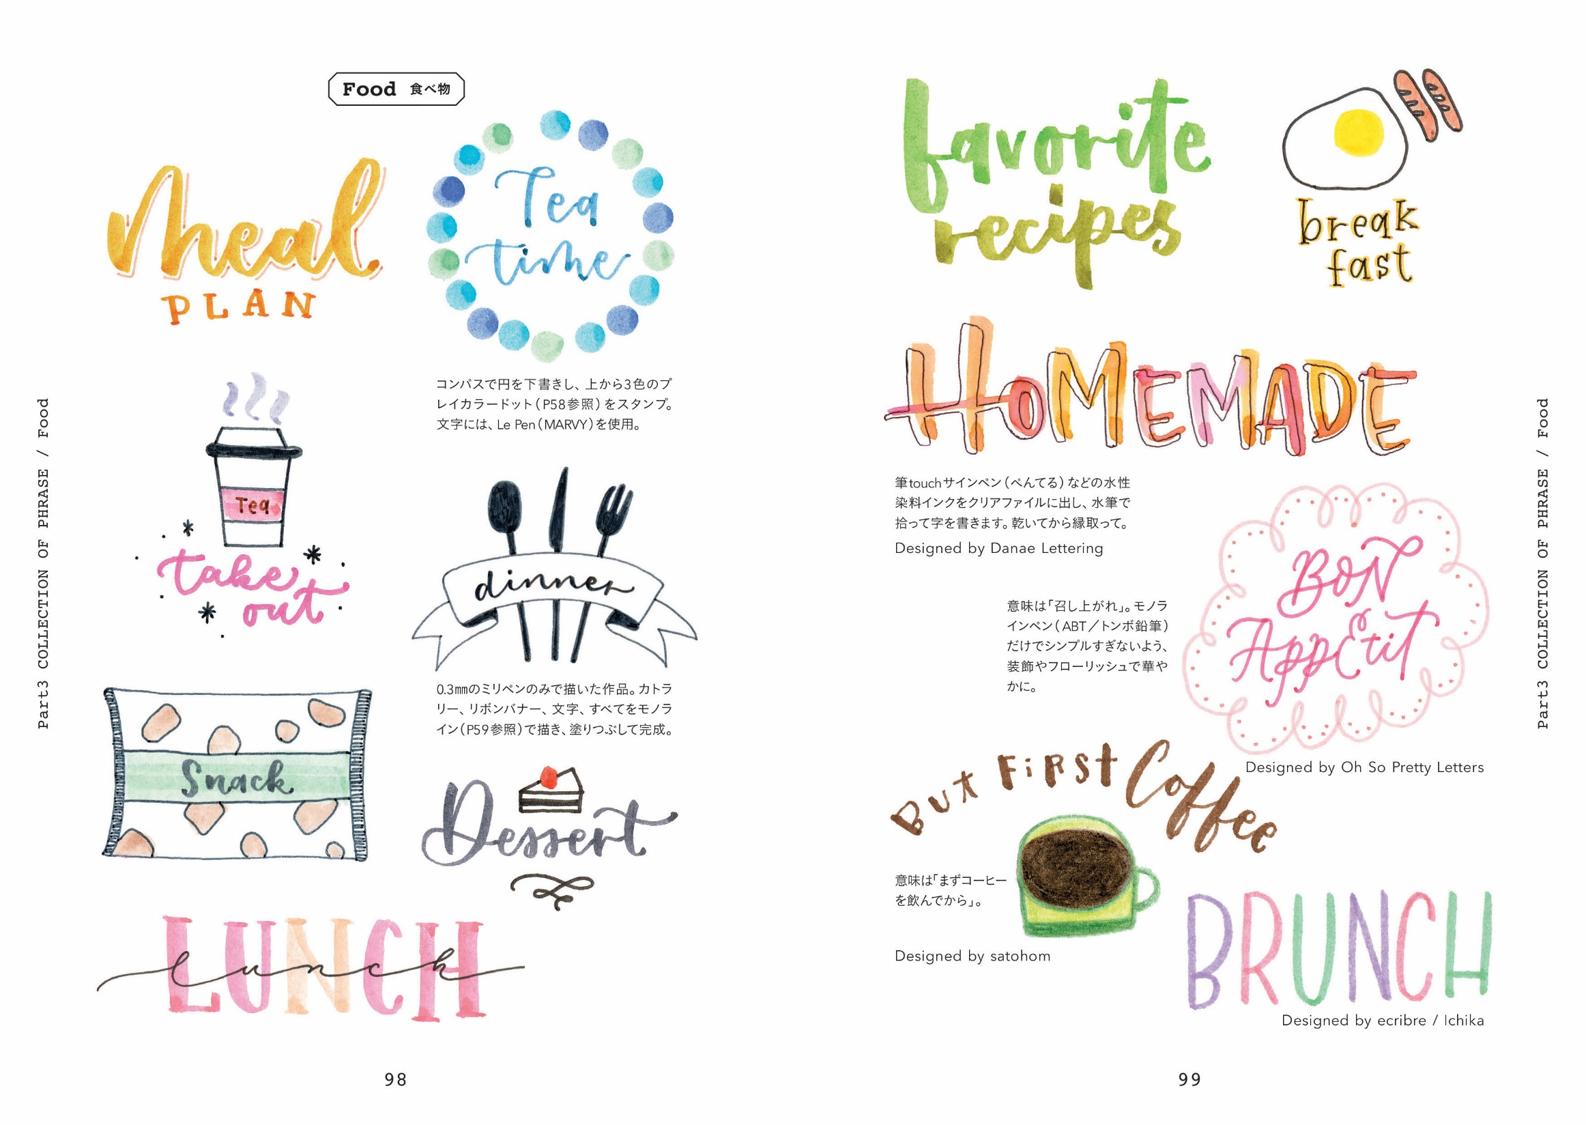 かわいいイラストやフレーズ、飾りの例を多数掲載